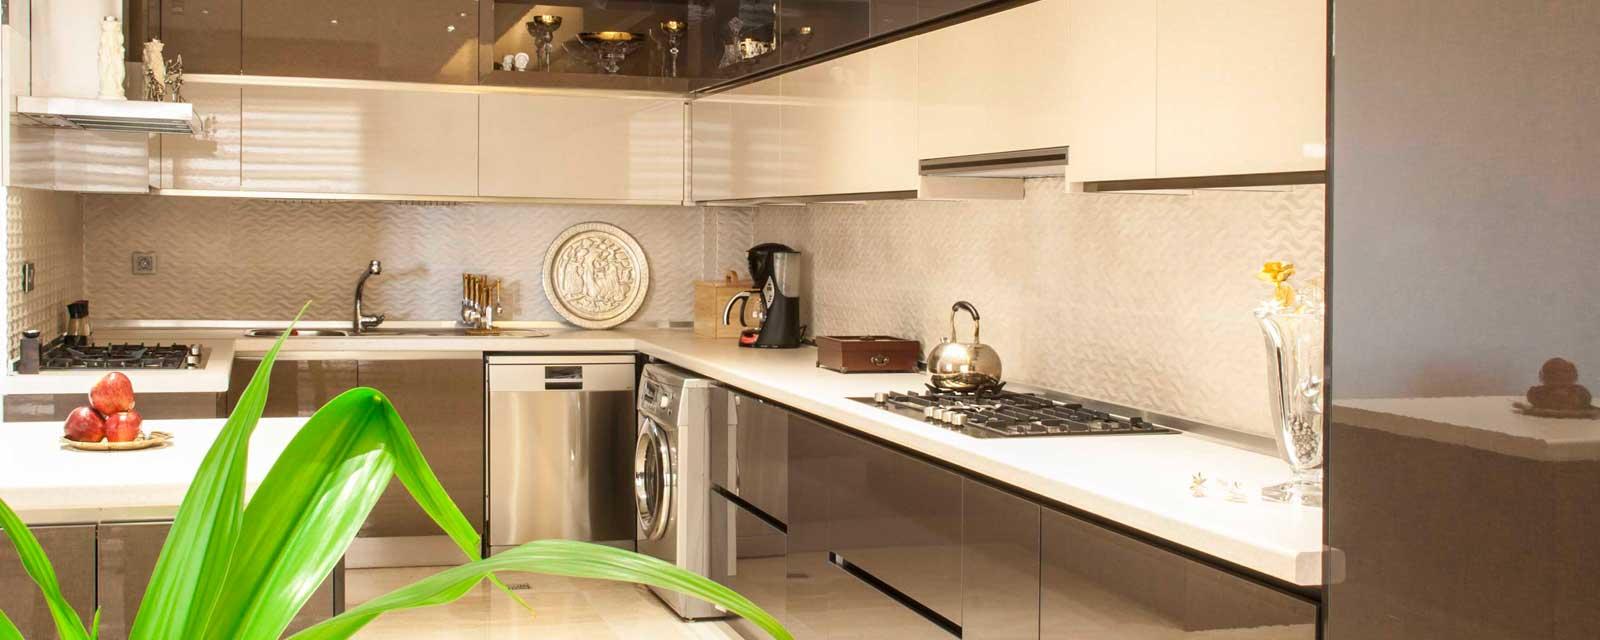 سیستم آشپزخانه رایکا